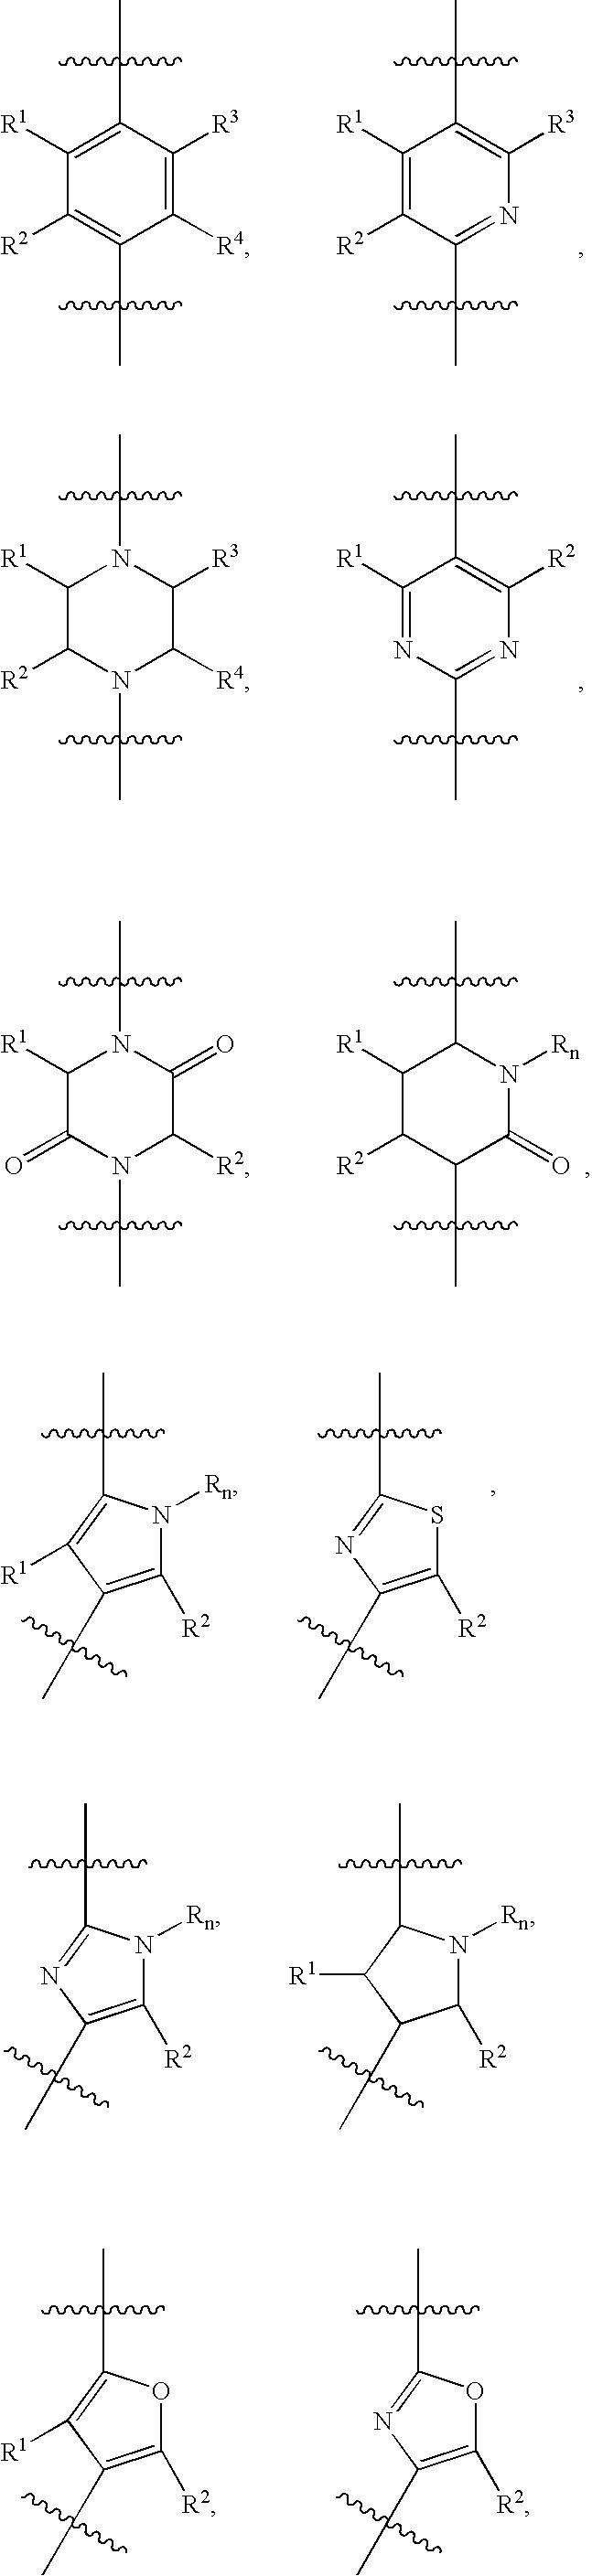 Figure US07312246-20071225-C00001